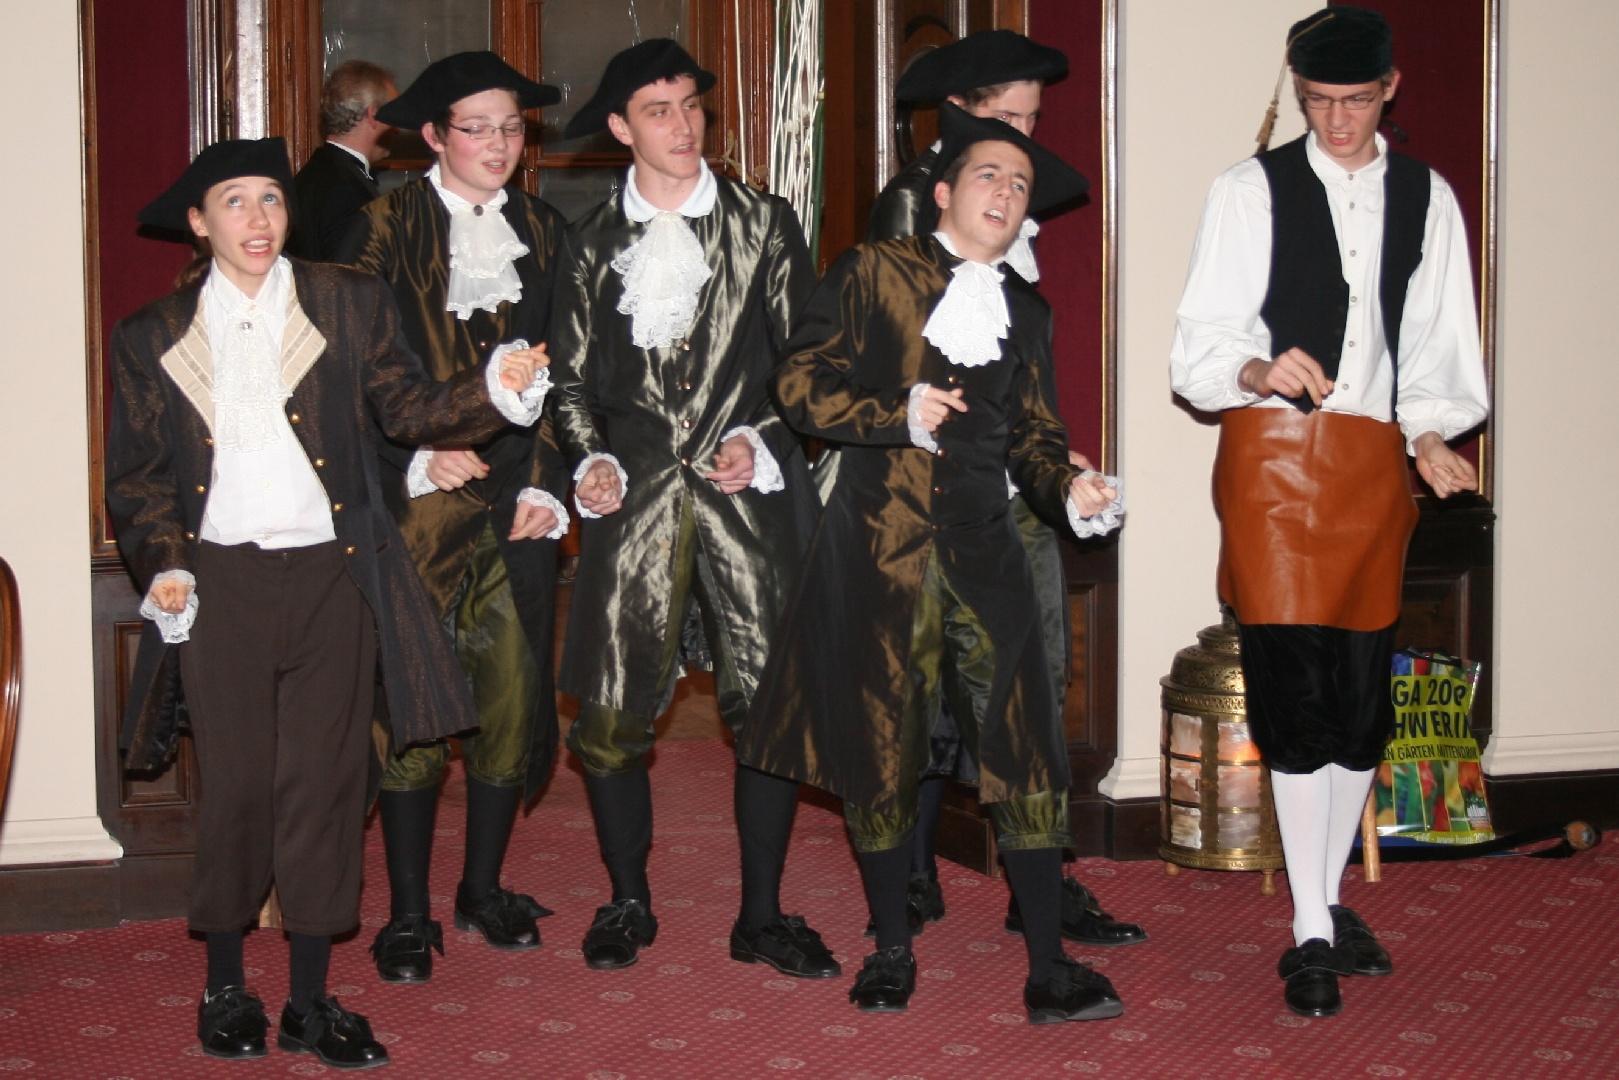 2009-11-08_Martensmannfestschmaus_113